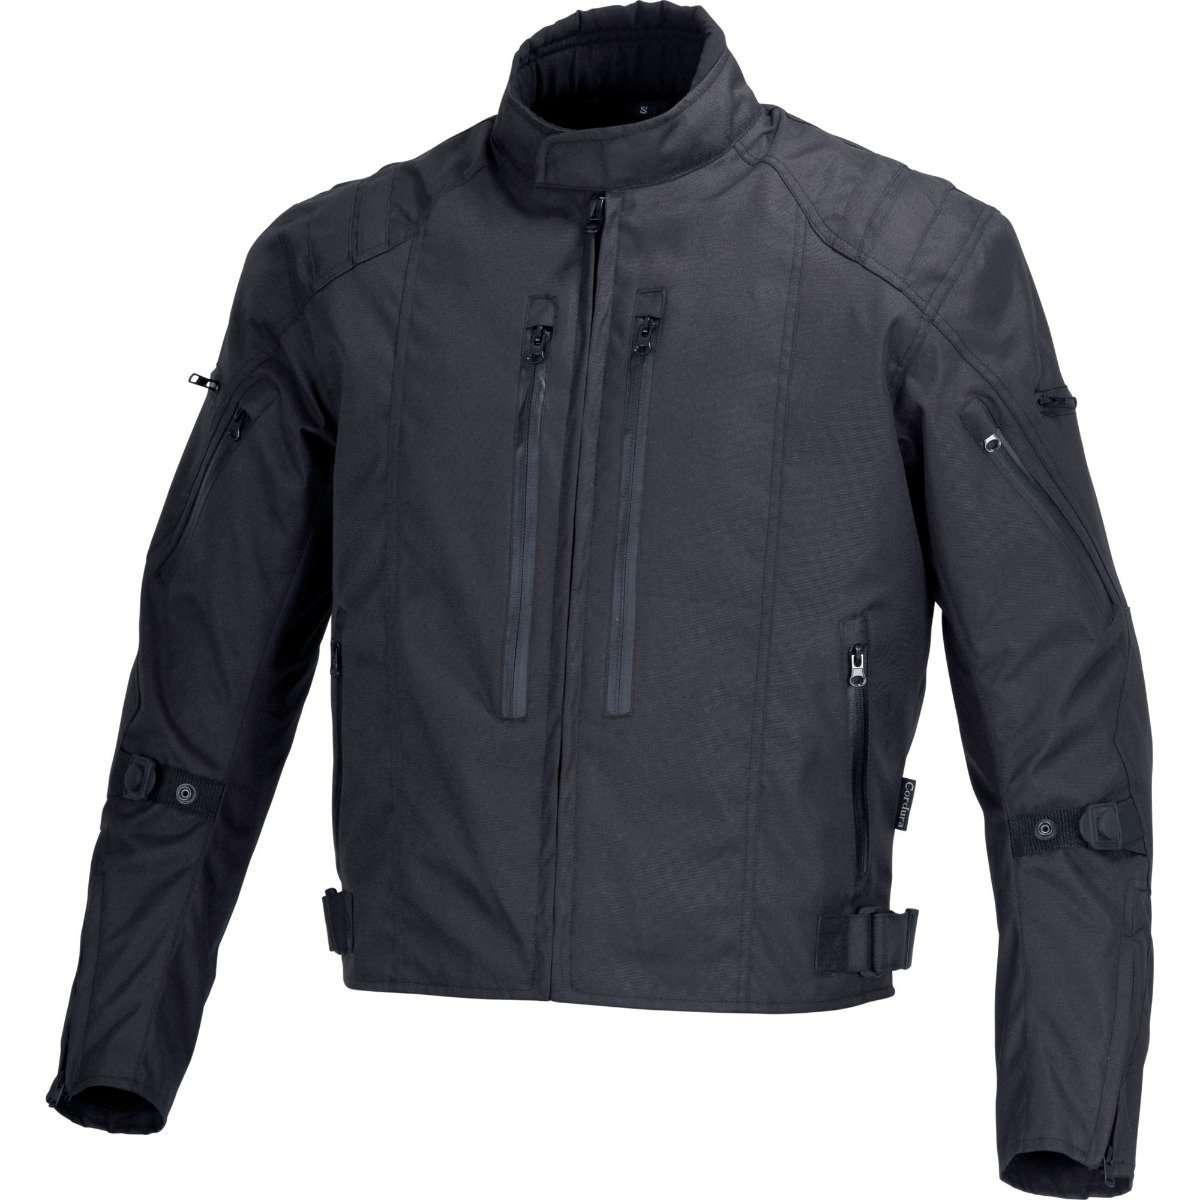 Casanova-Men-Motorcycle-Textile-Race-Jacket-black